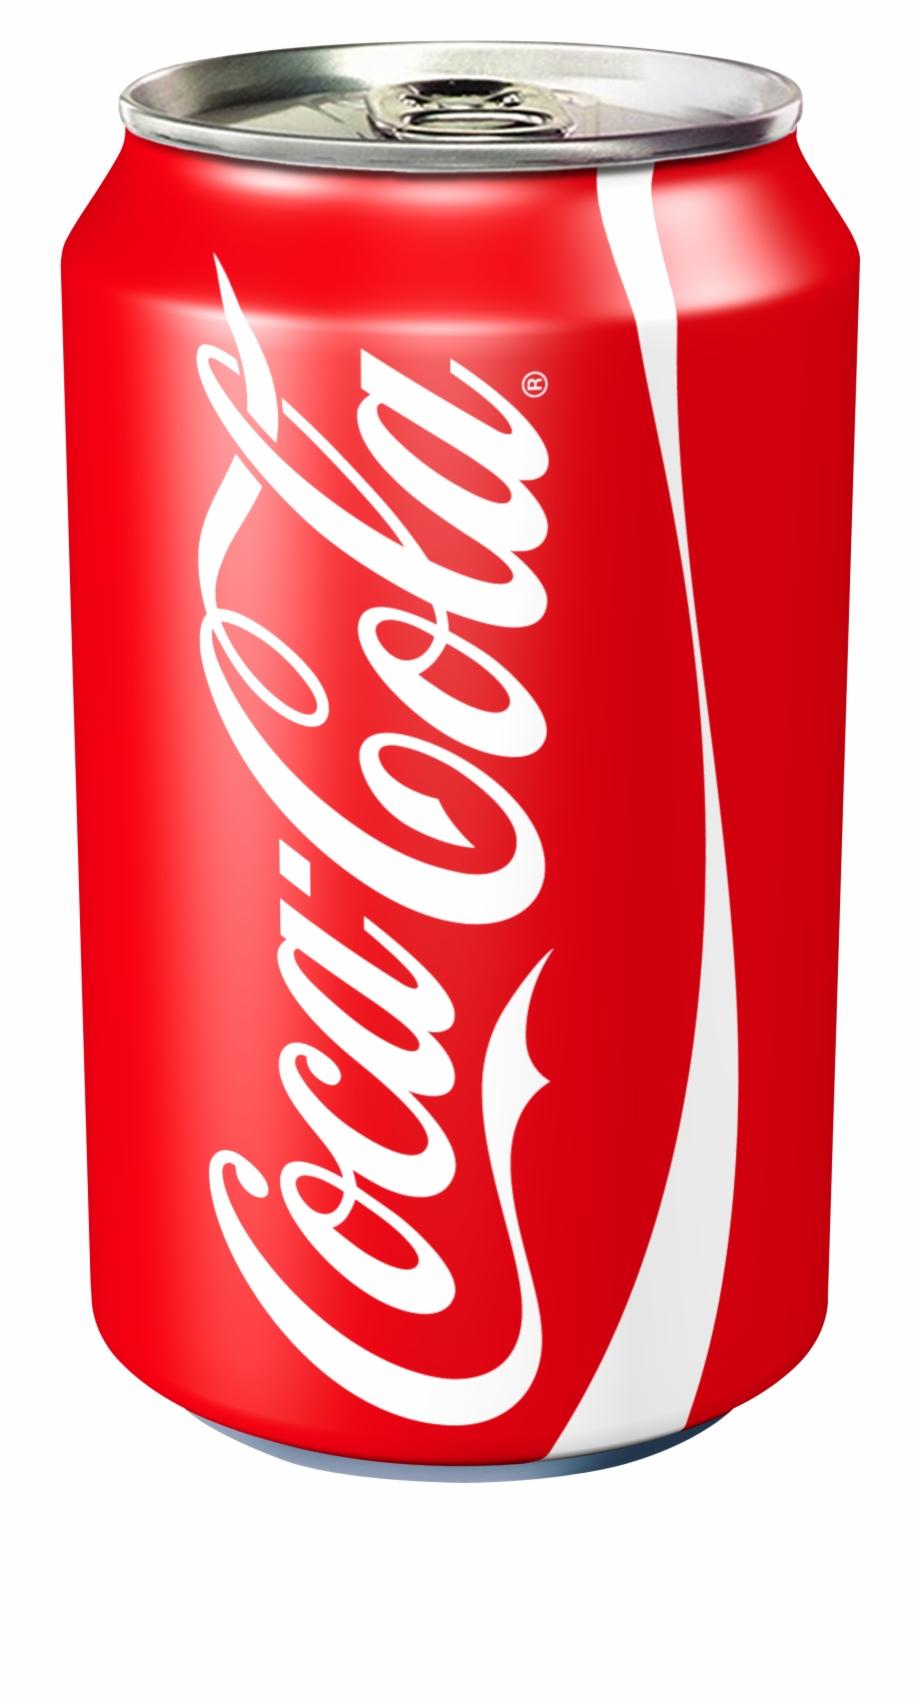 Coca cola clipart clip royalty free library Coca Cola Clipart 330ml Png - Coca Cola, Transparent Png Download ... clip royalty free library